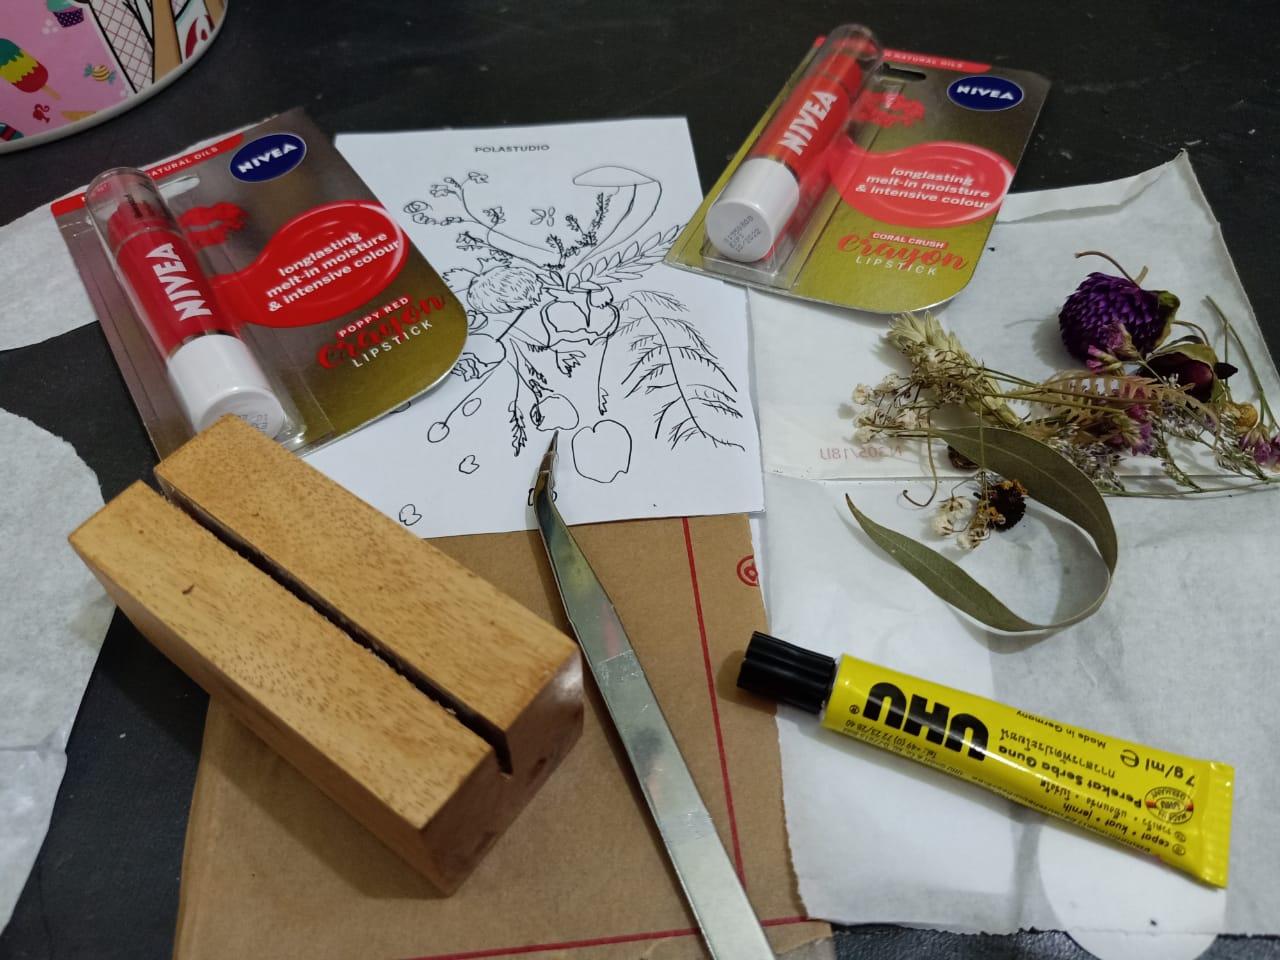 Kit DIY Pola Studio NIVEA Lip Cream